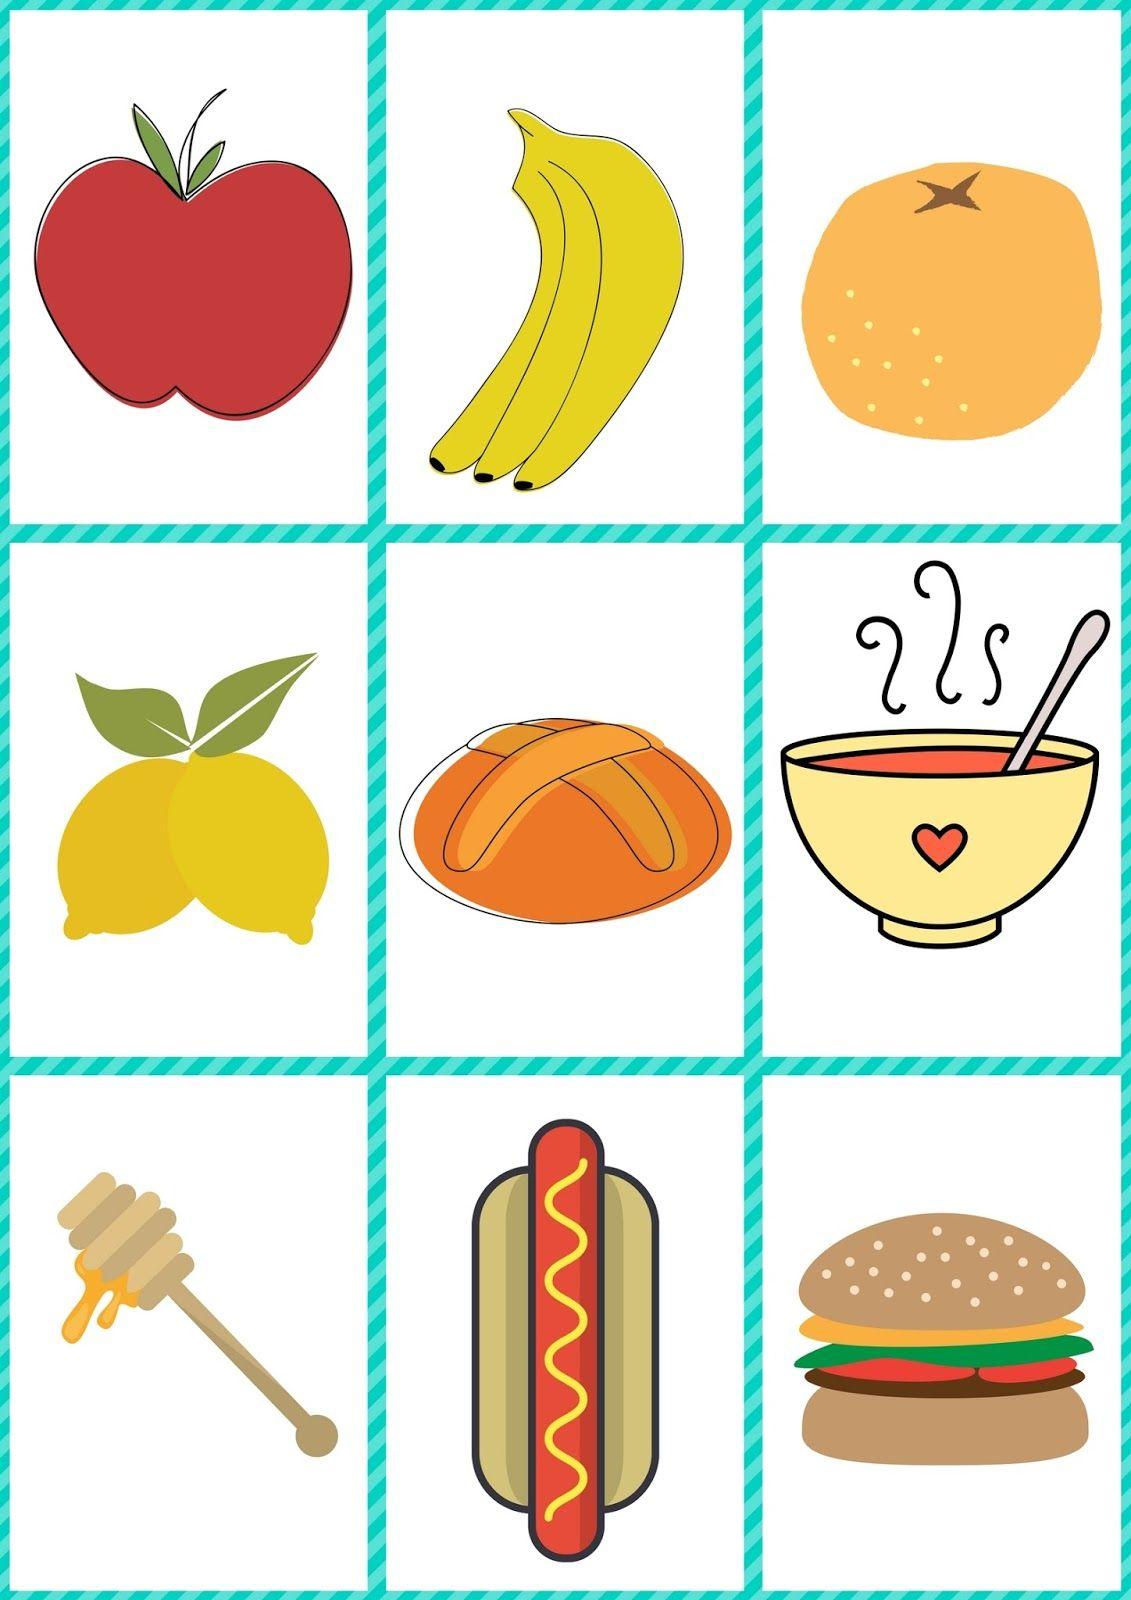 Znalezione Obrazy Dla Zapytania Food Obrazki Karty Pracy Playing Cards Cards Hobby